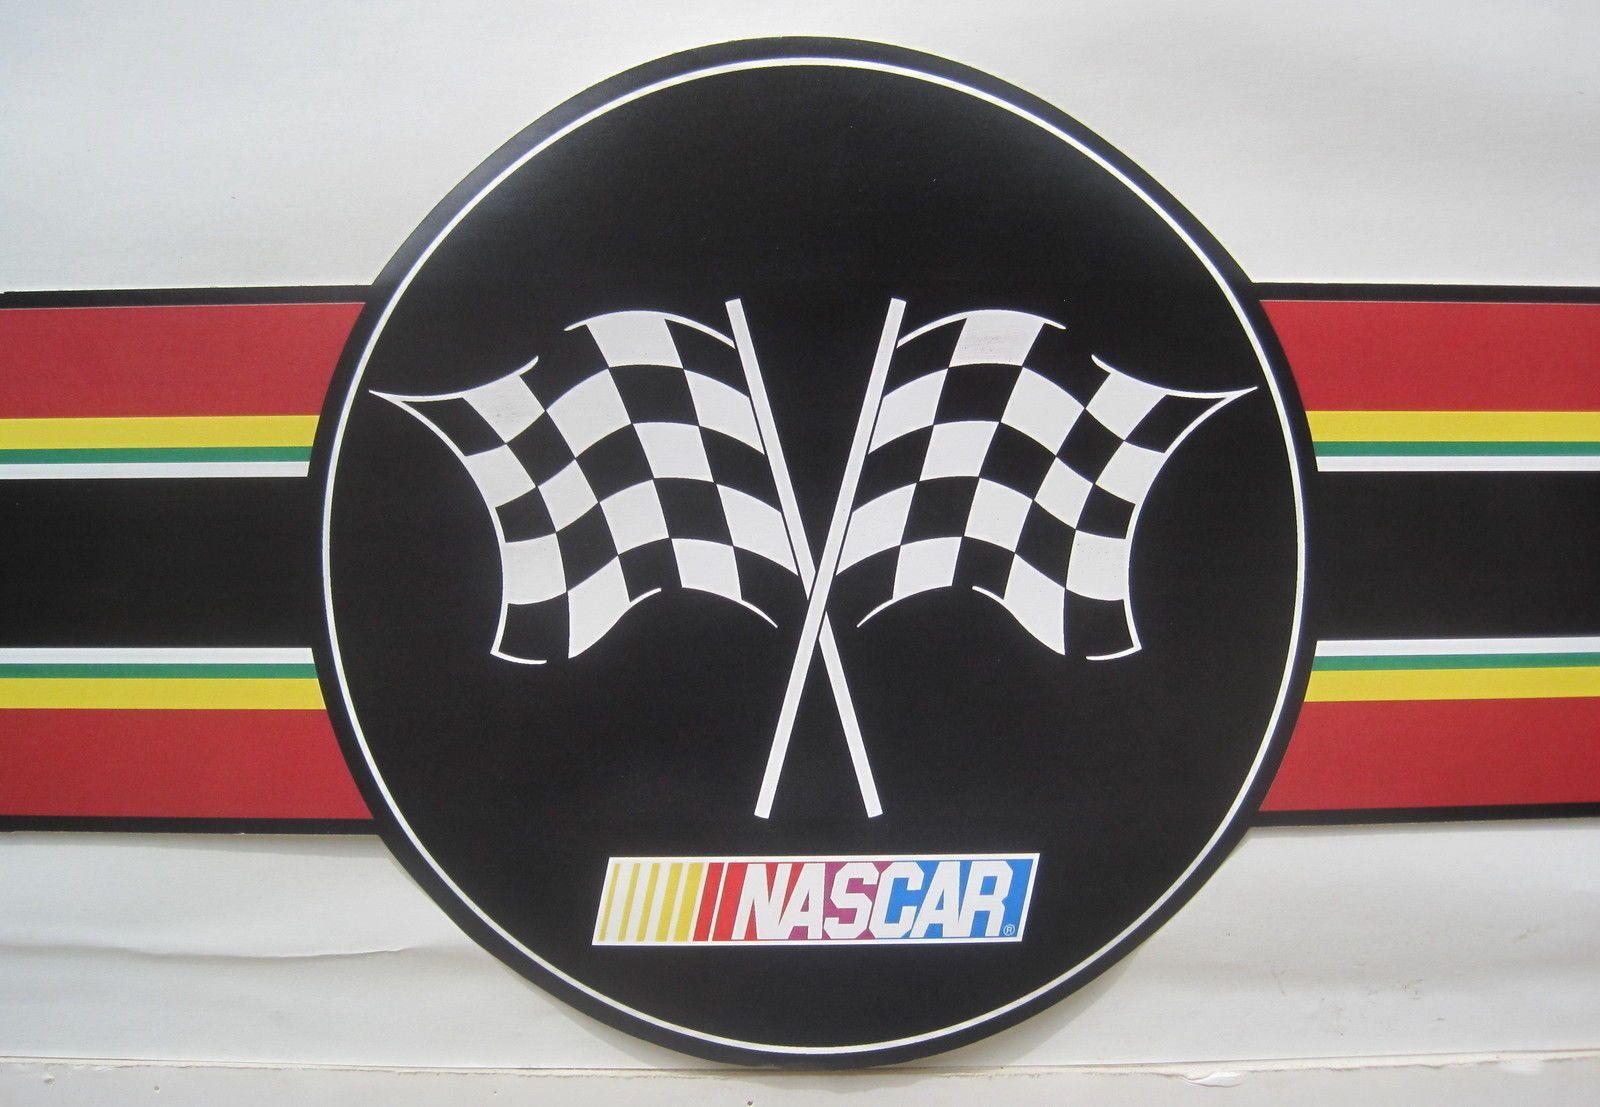 Do you know how to hang wallpaper border? Nascar Racing Logo Stock Car Wallpaper Border 8 1 2 Black 34878010670 Ebay Stock Car Car Wallpapers Nascar Racing